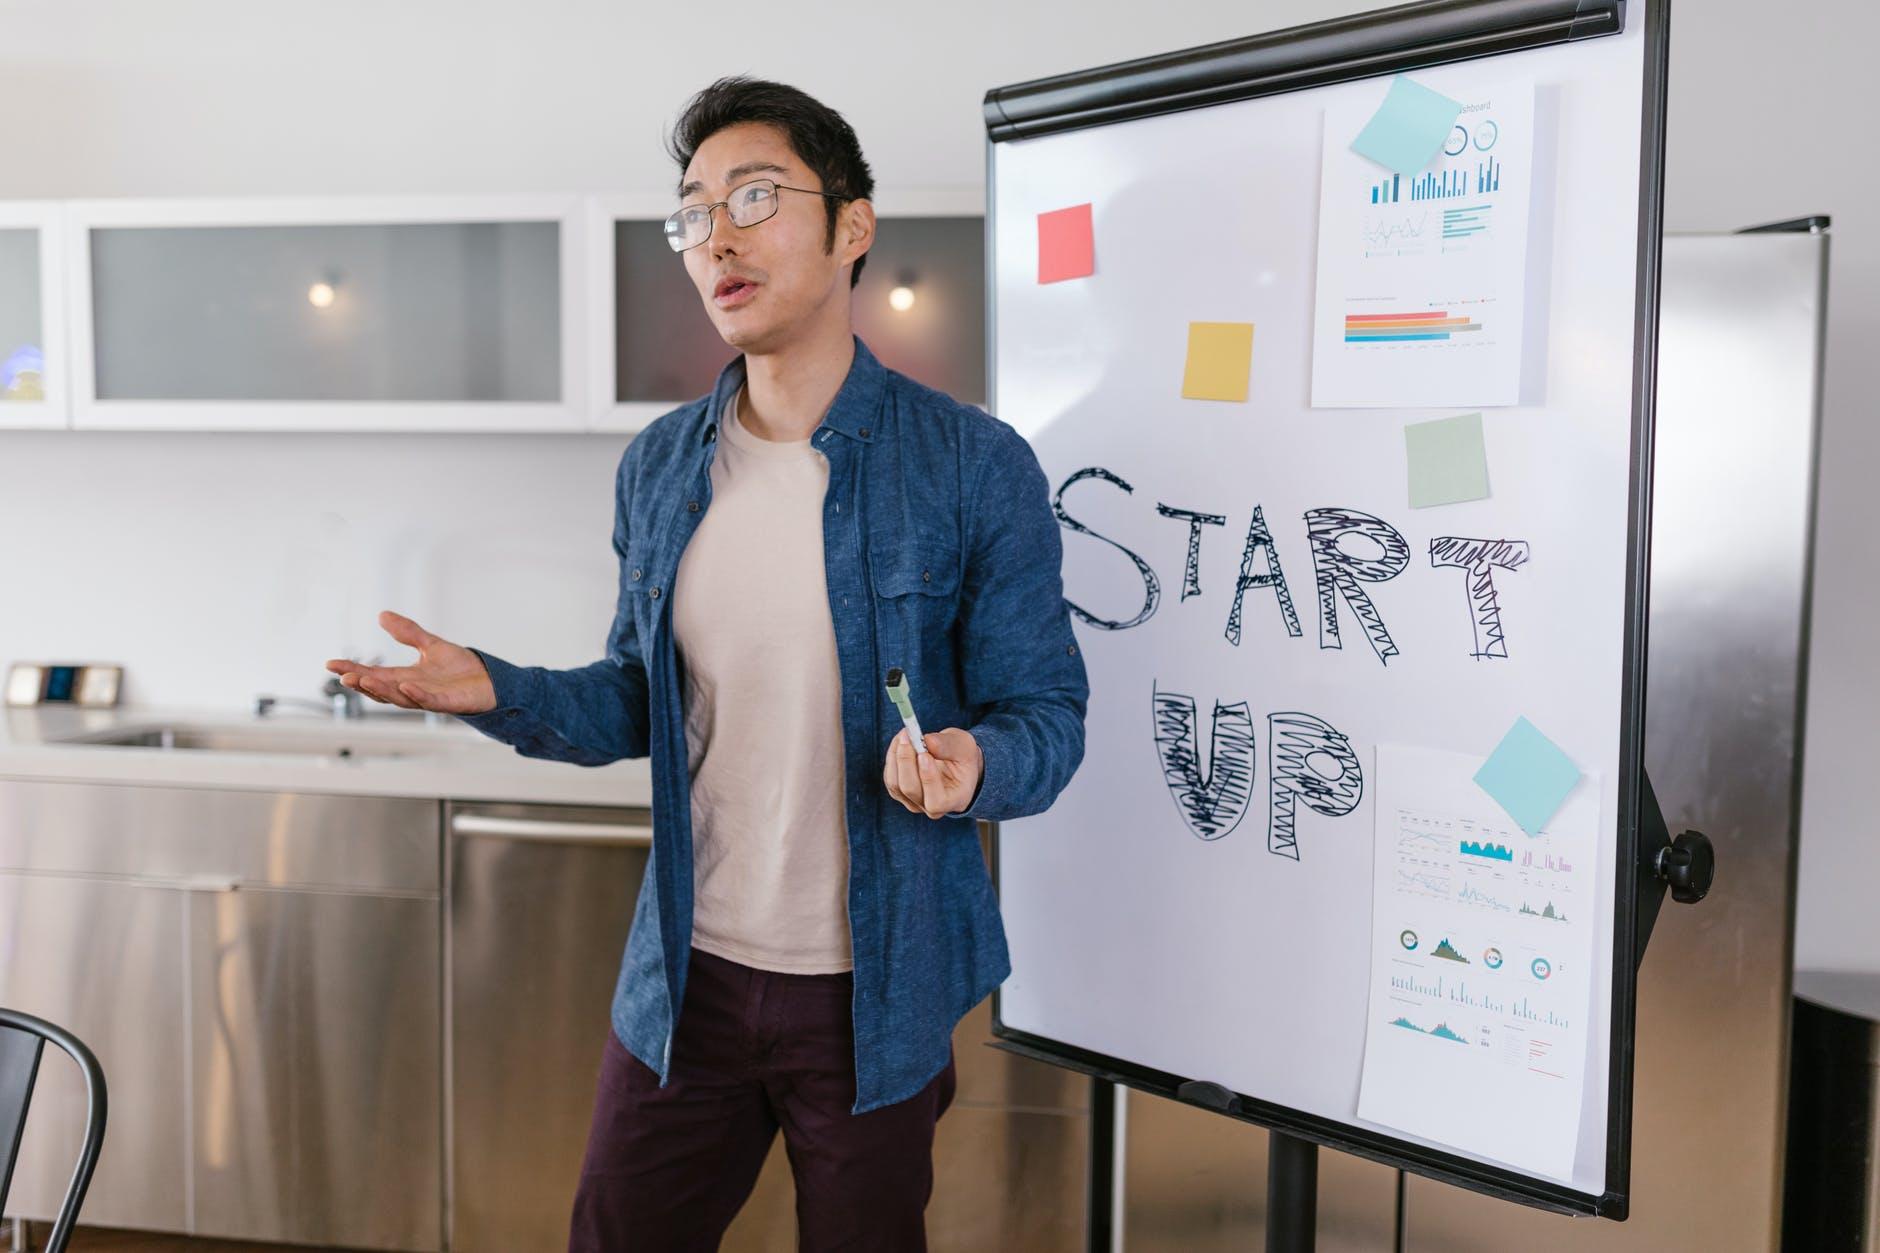 Girişimci İle Yatırımcı Arasındaki Fark Nedir?